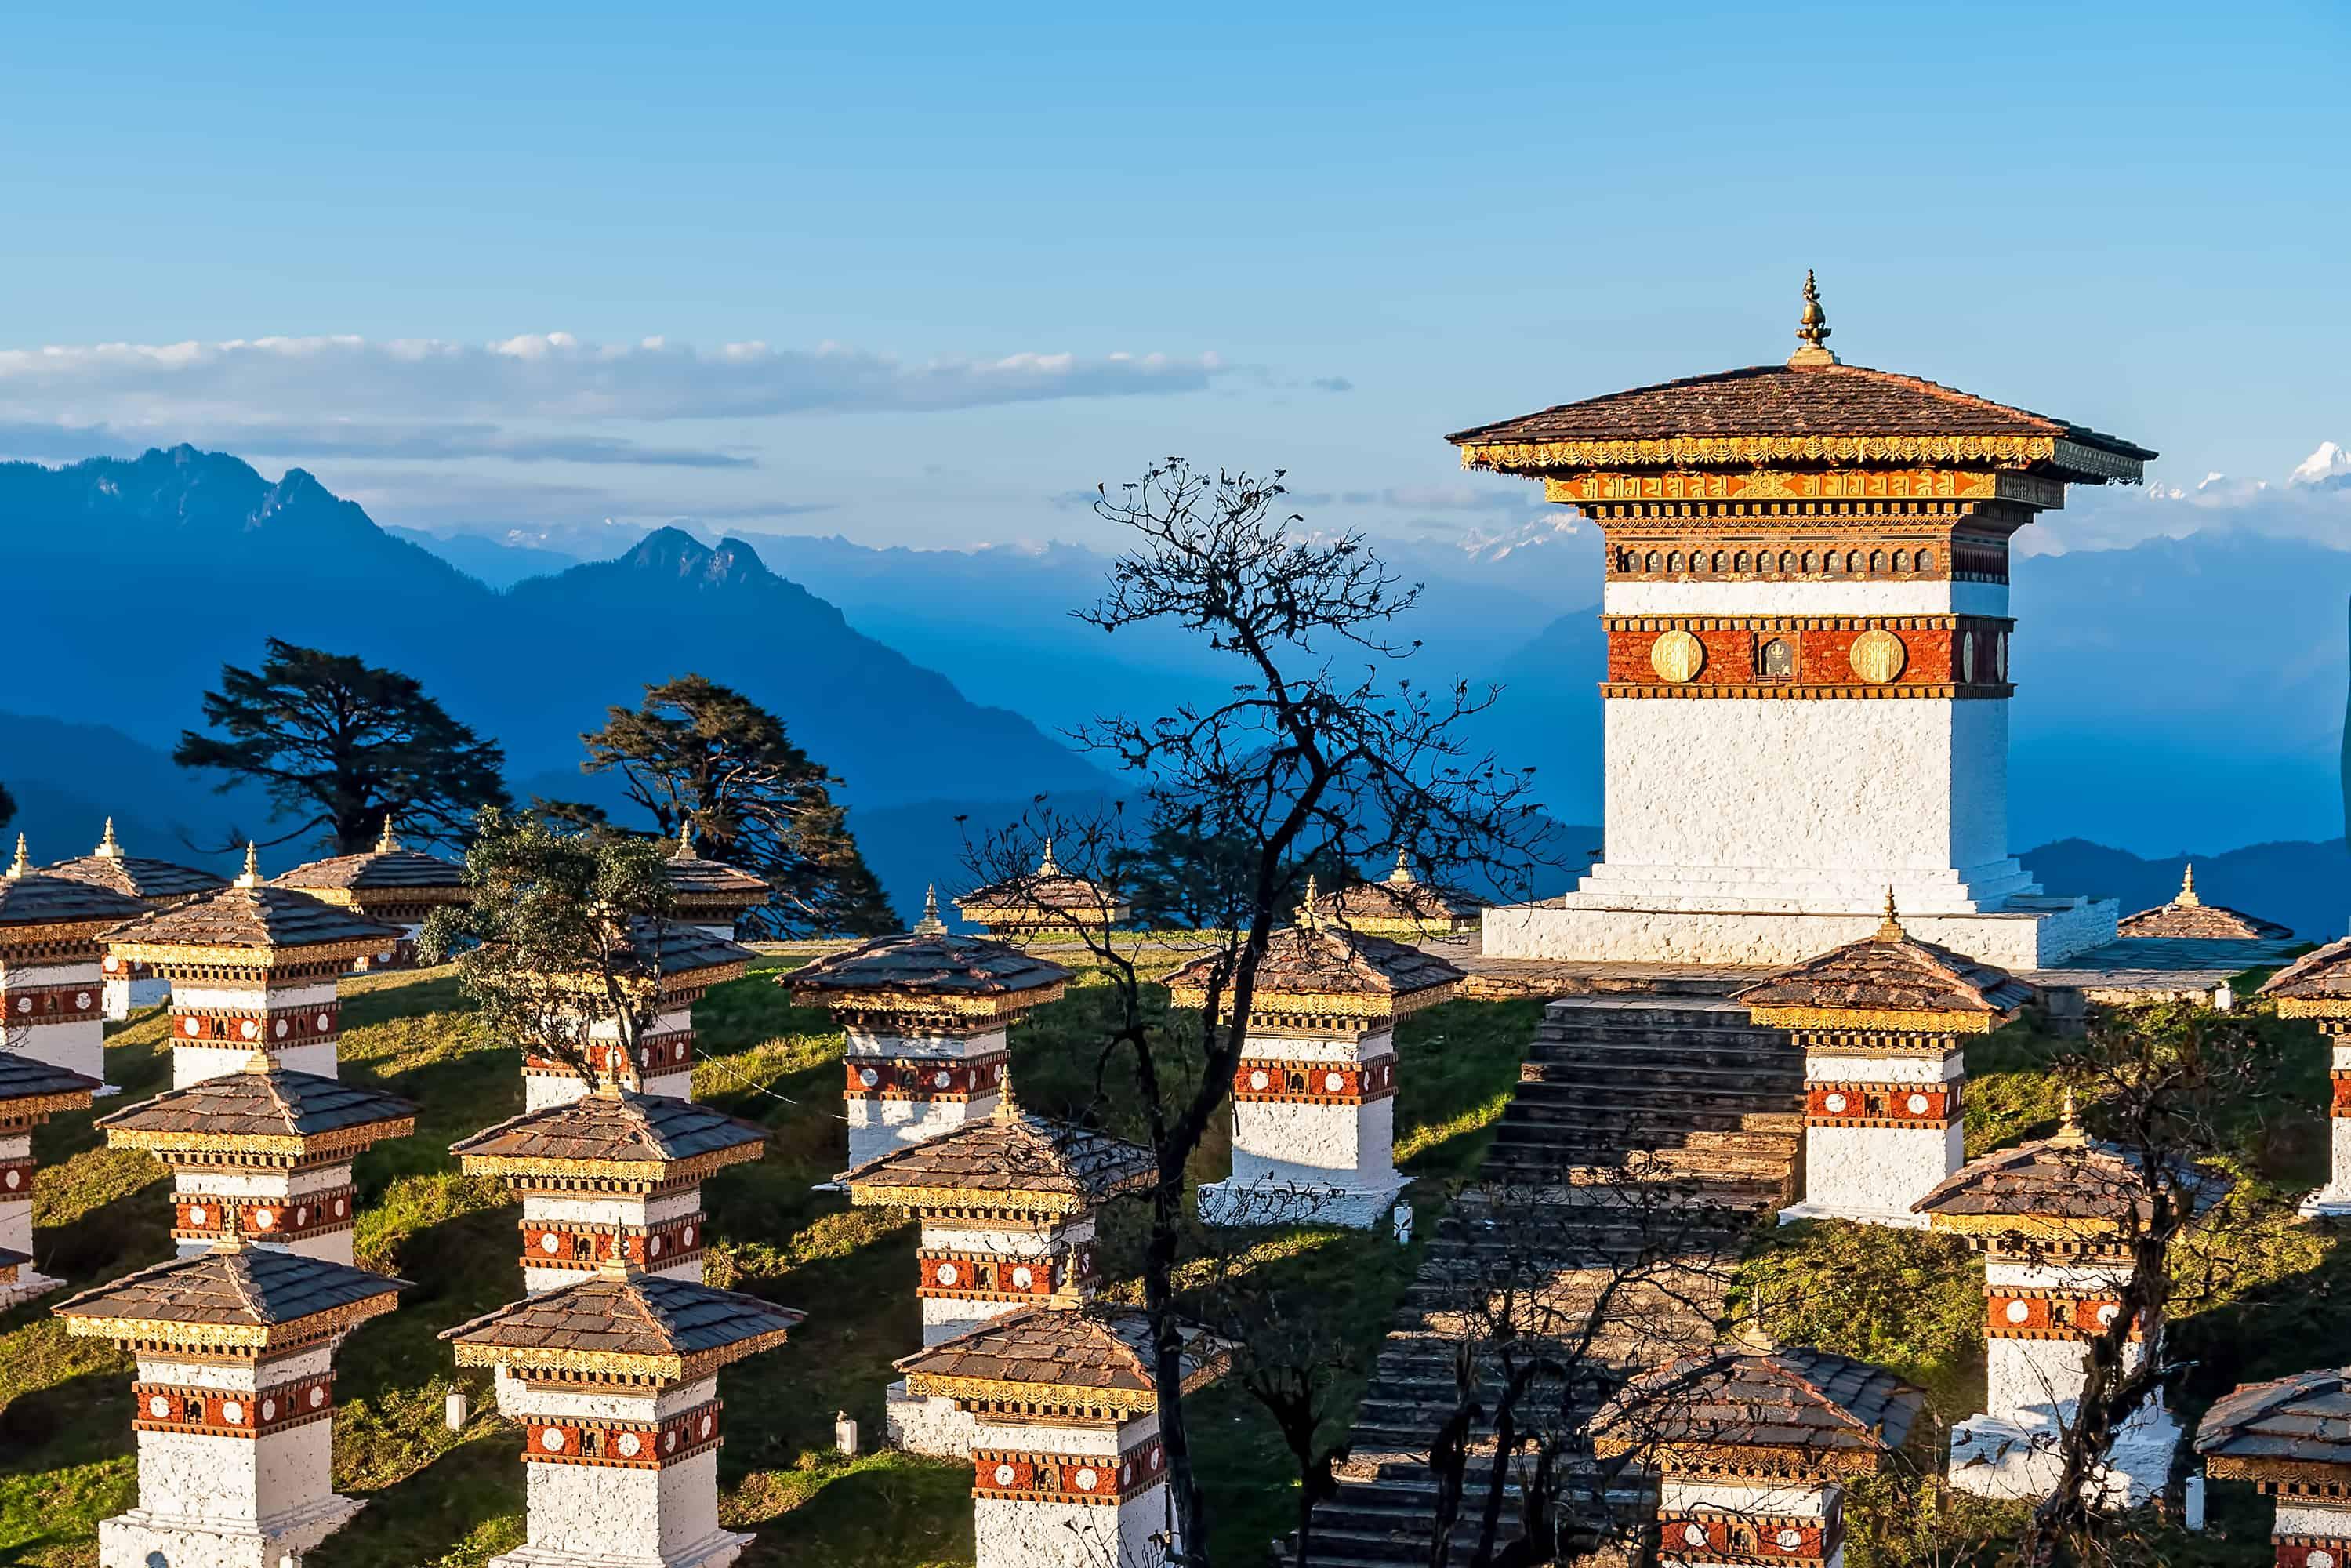 Sunset Dochula Pass Memorial Chortens in Bhutan